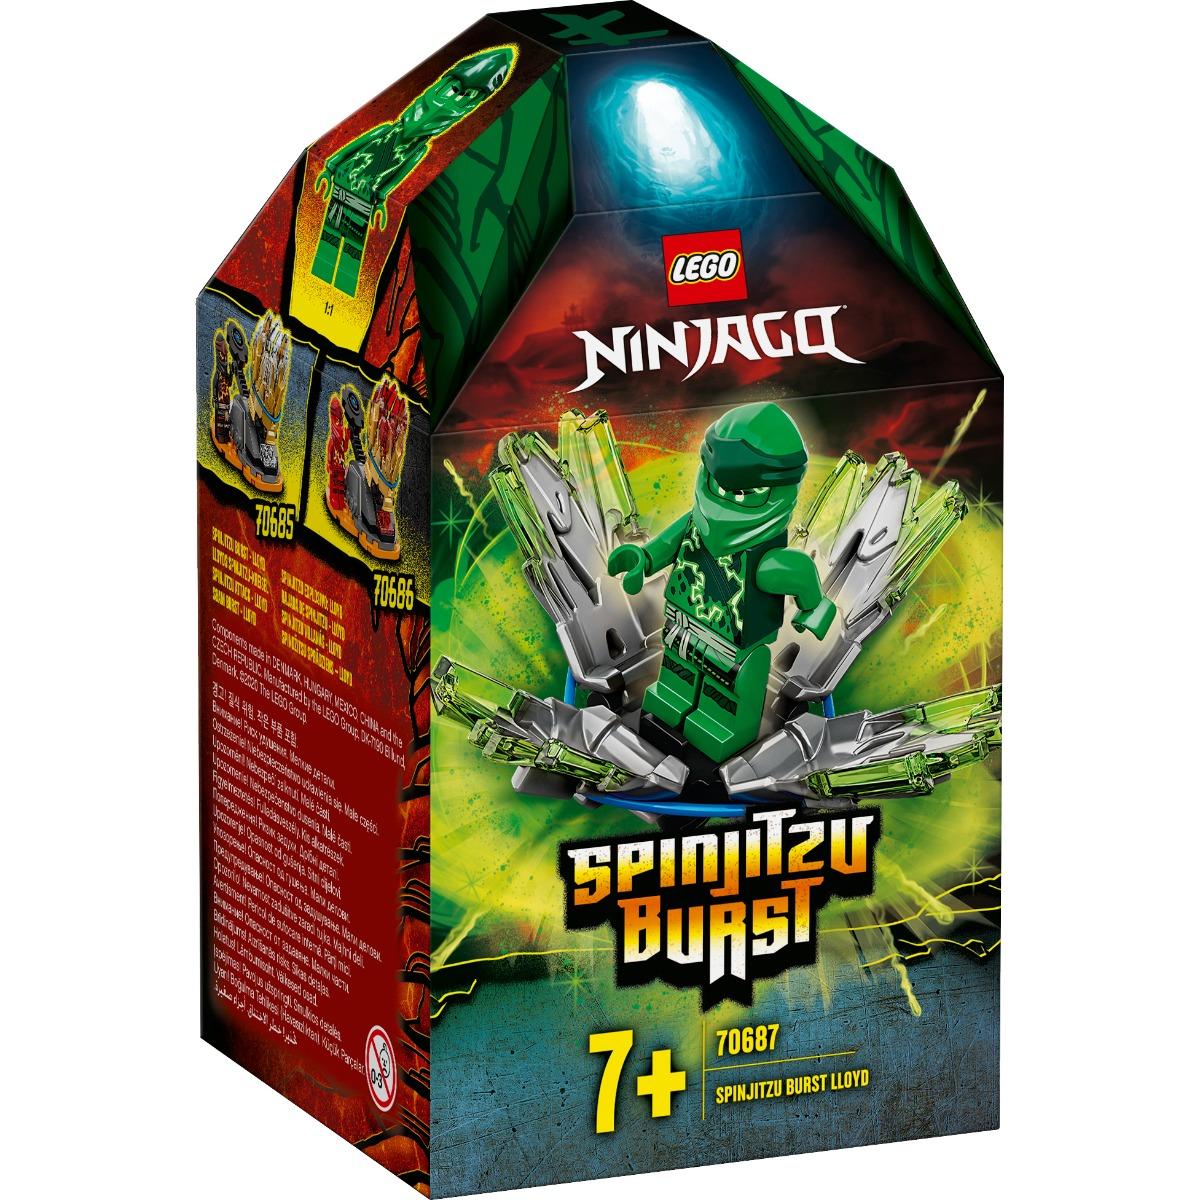 LEGO® Ninjago® - Spinjitzu Burst - Lloyd (70687)